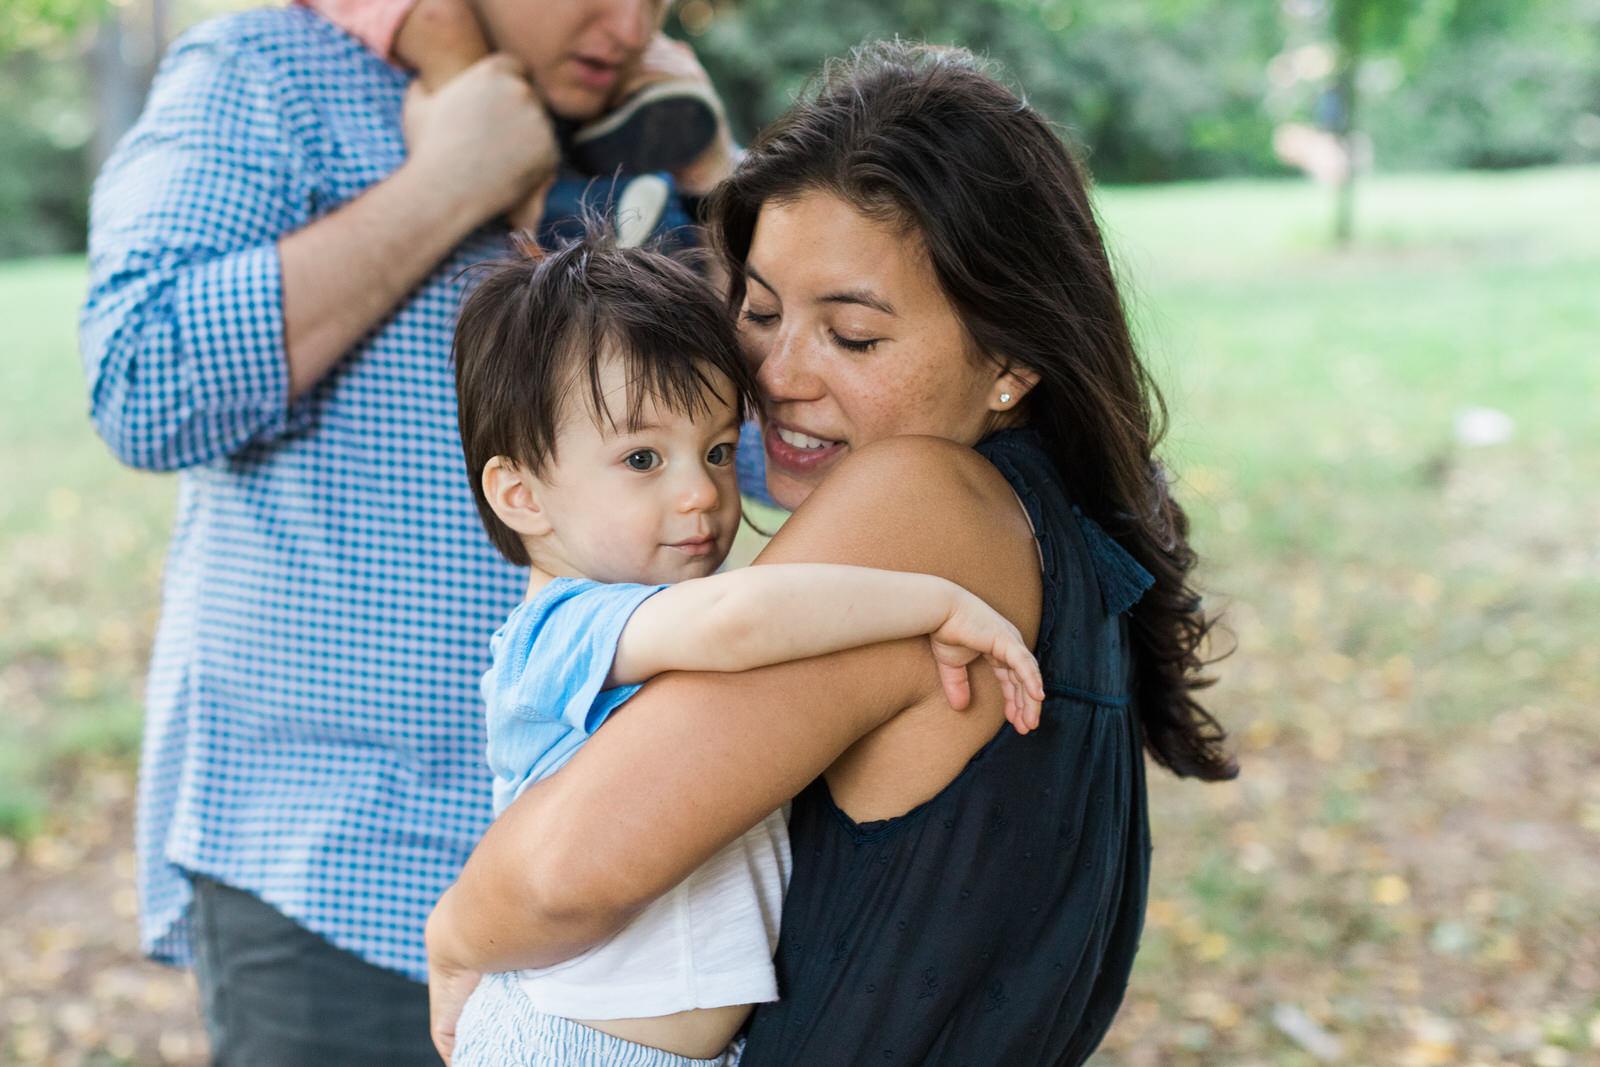 family-photography-brooklyn-ny-17.jpg